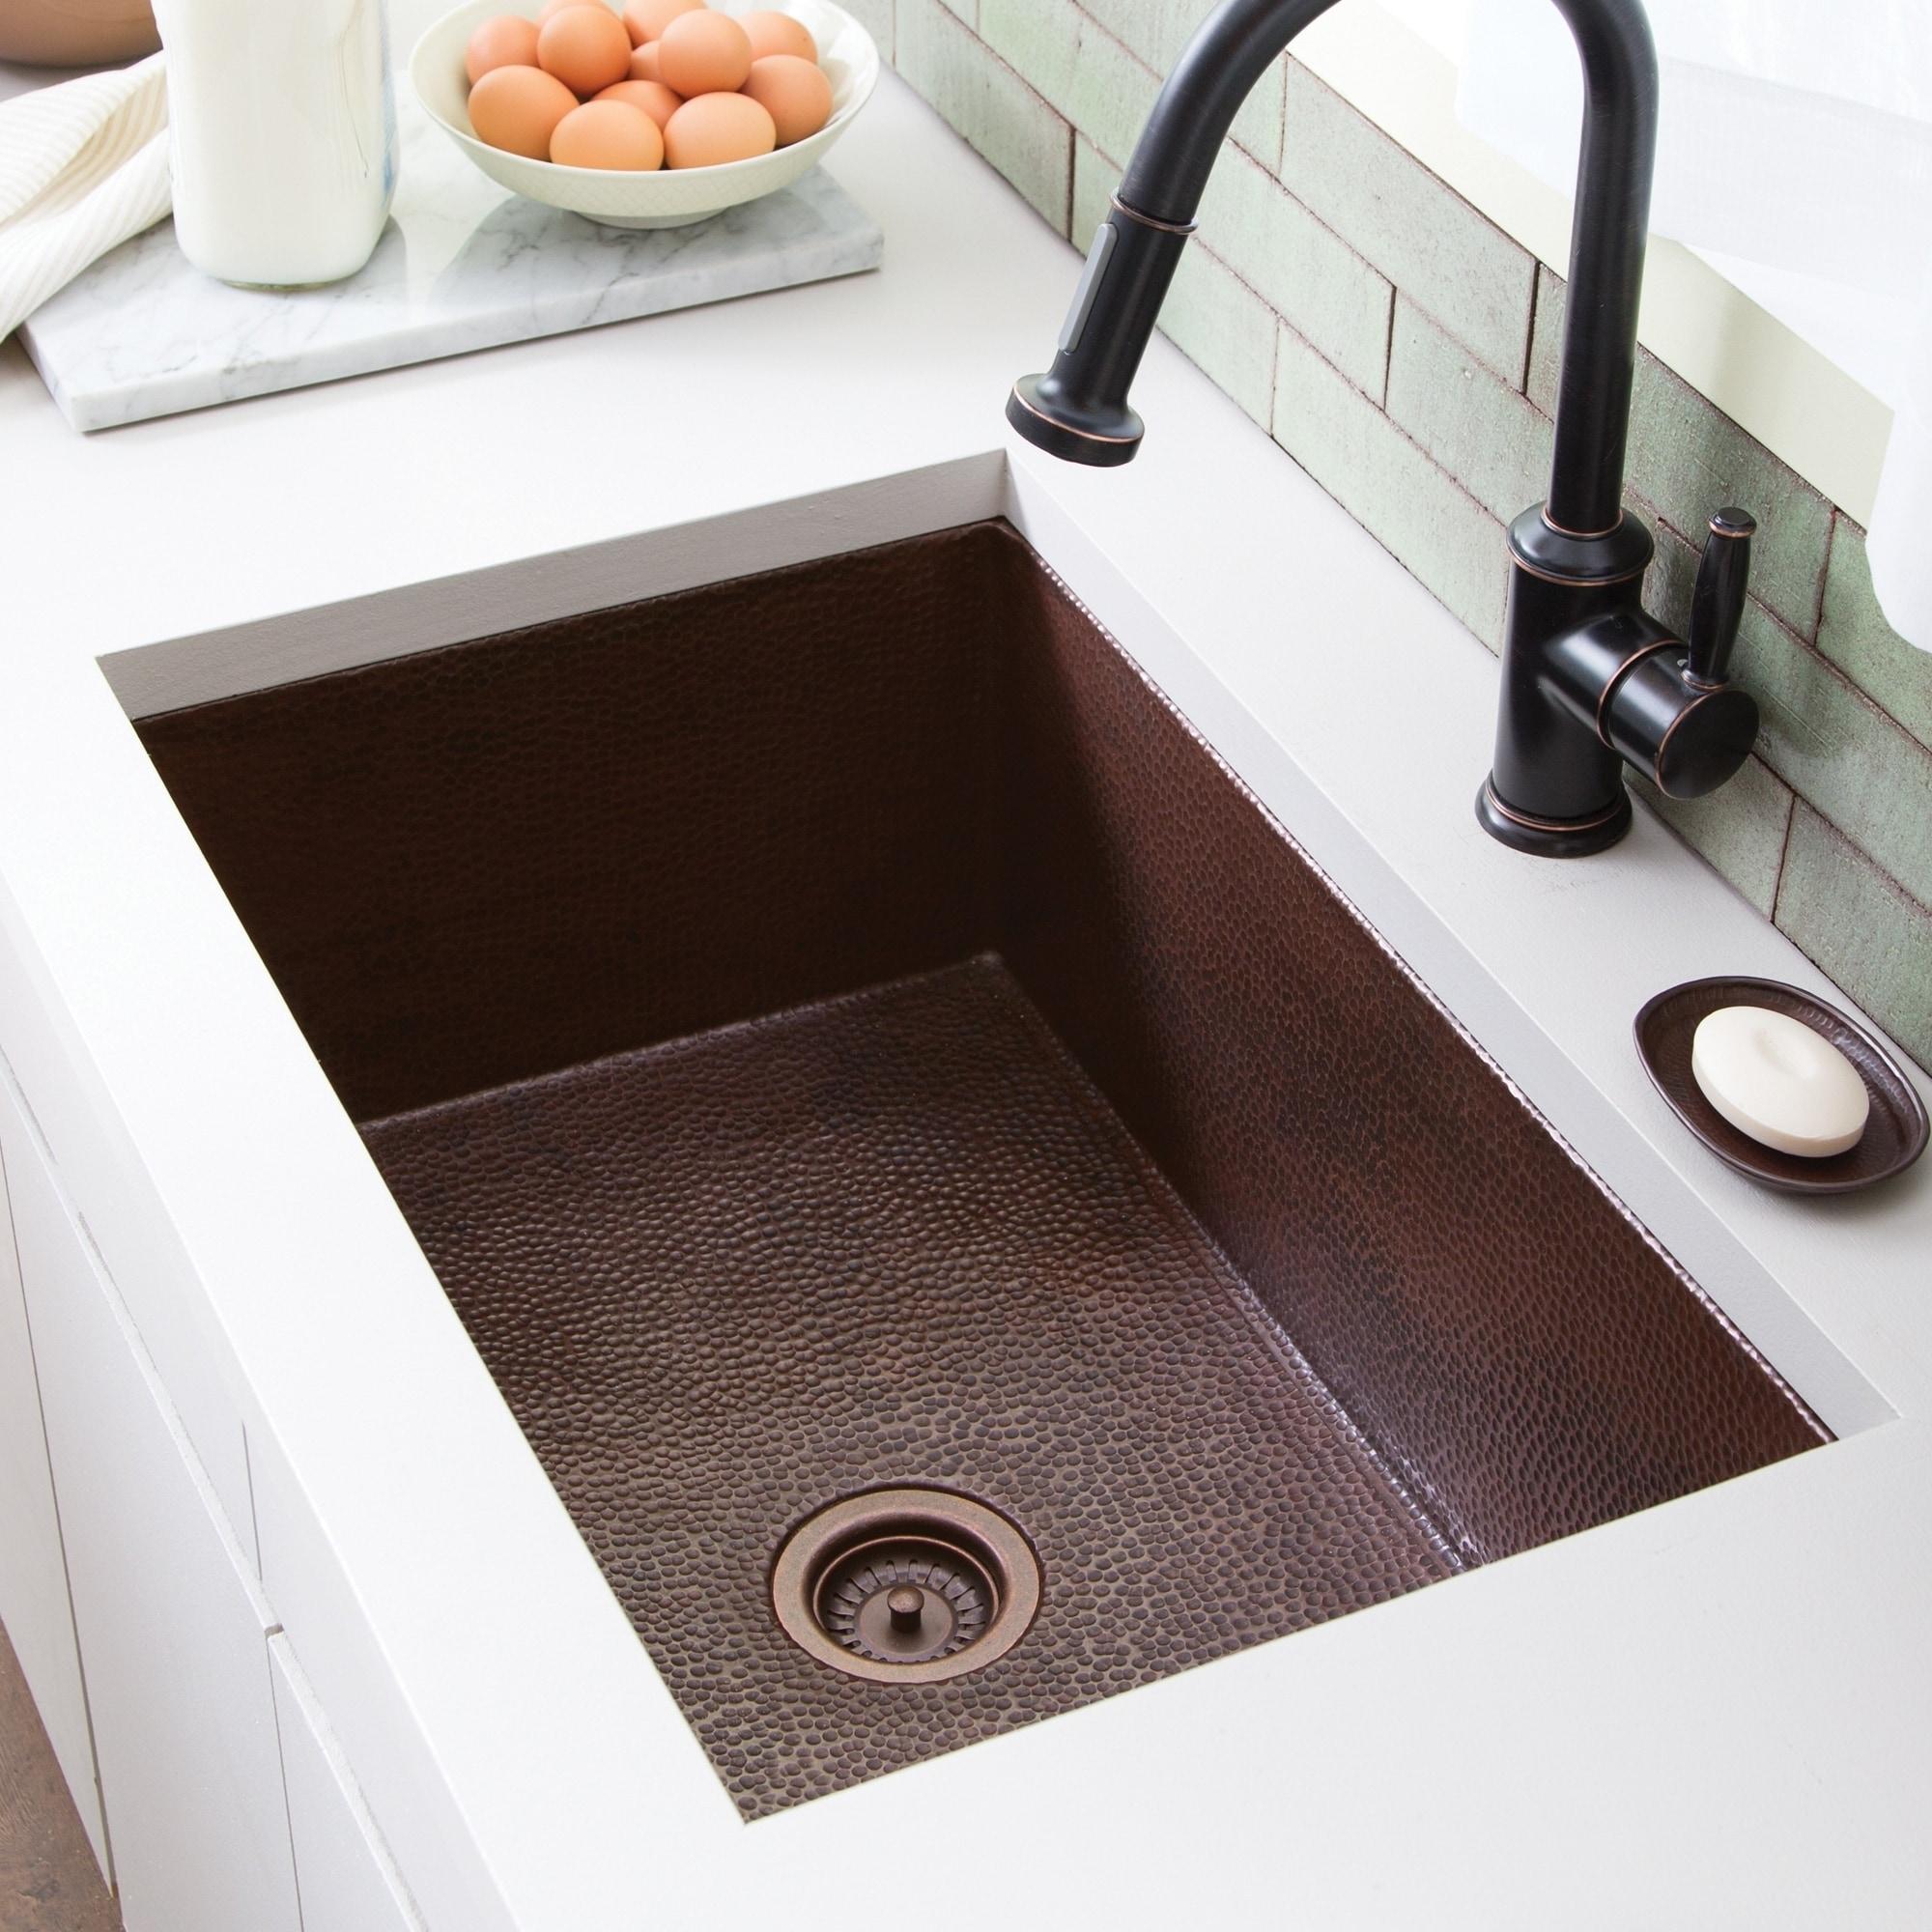 Cocina Hammered Antique Copper 30 Inch Undermount Kitchen Sink Overstock 18235236